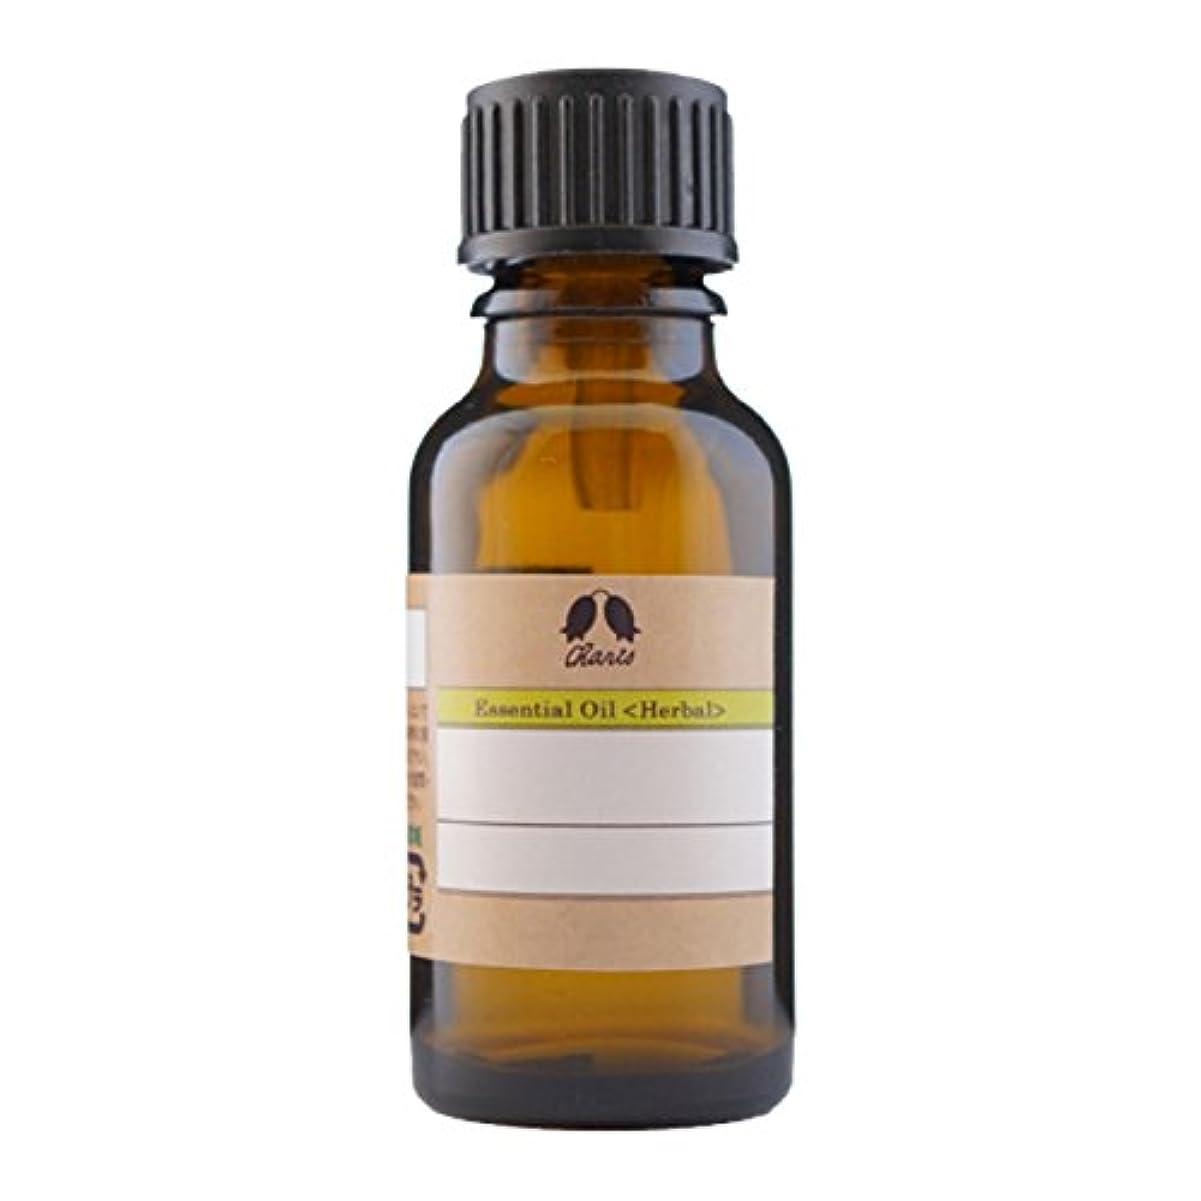 化合物関係ないボルトバジル Organic 20ml